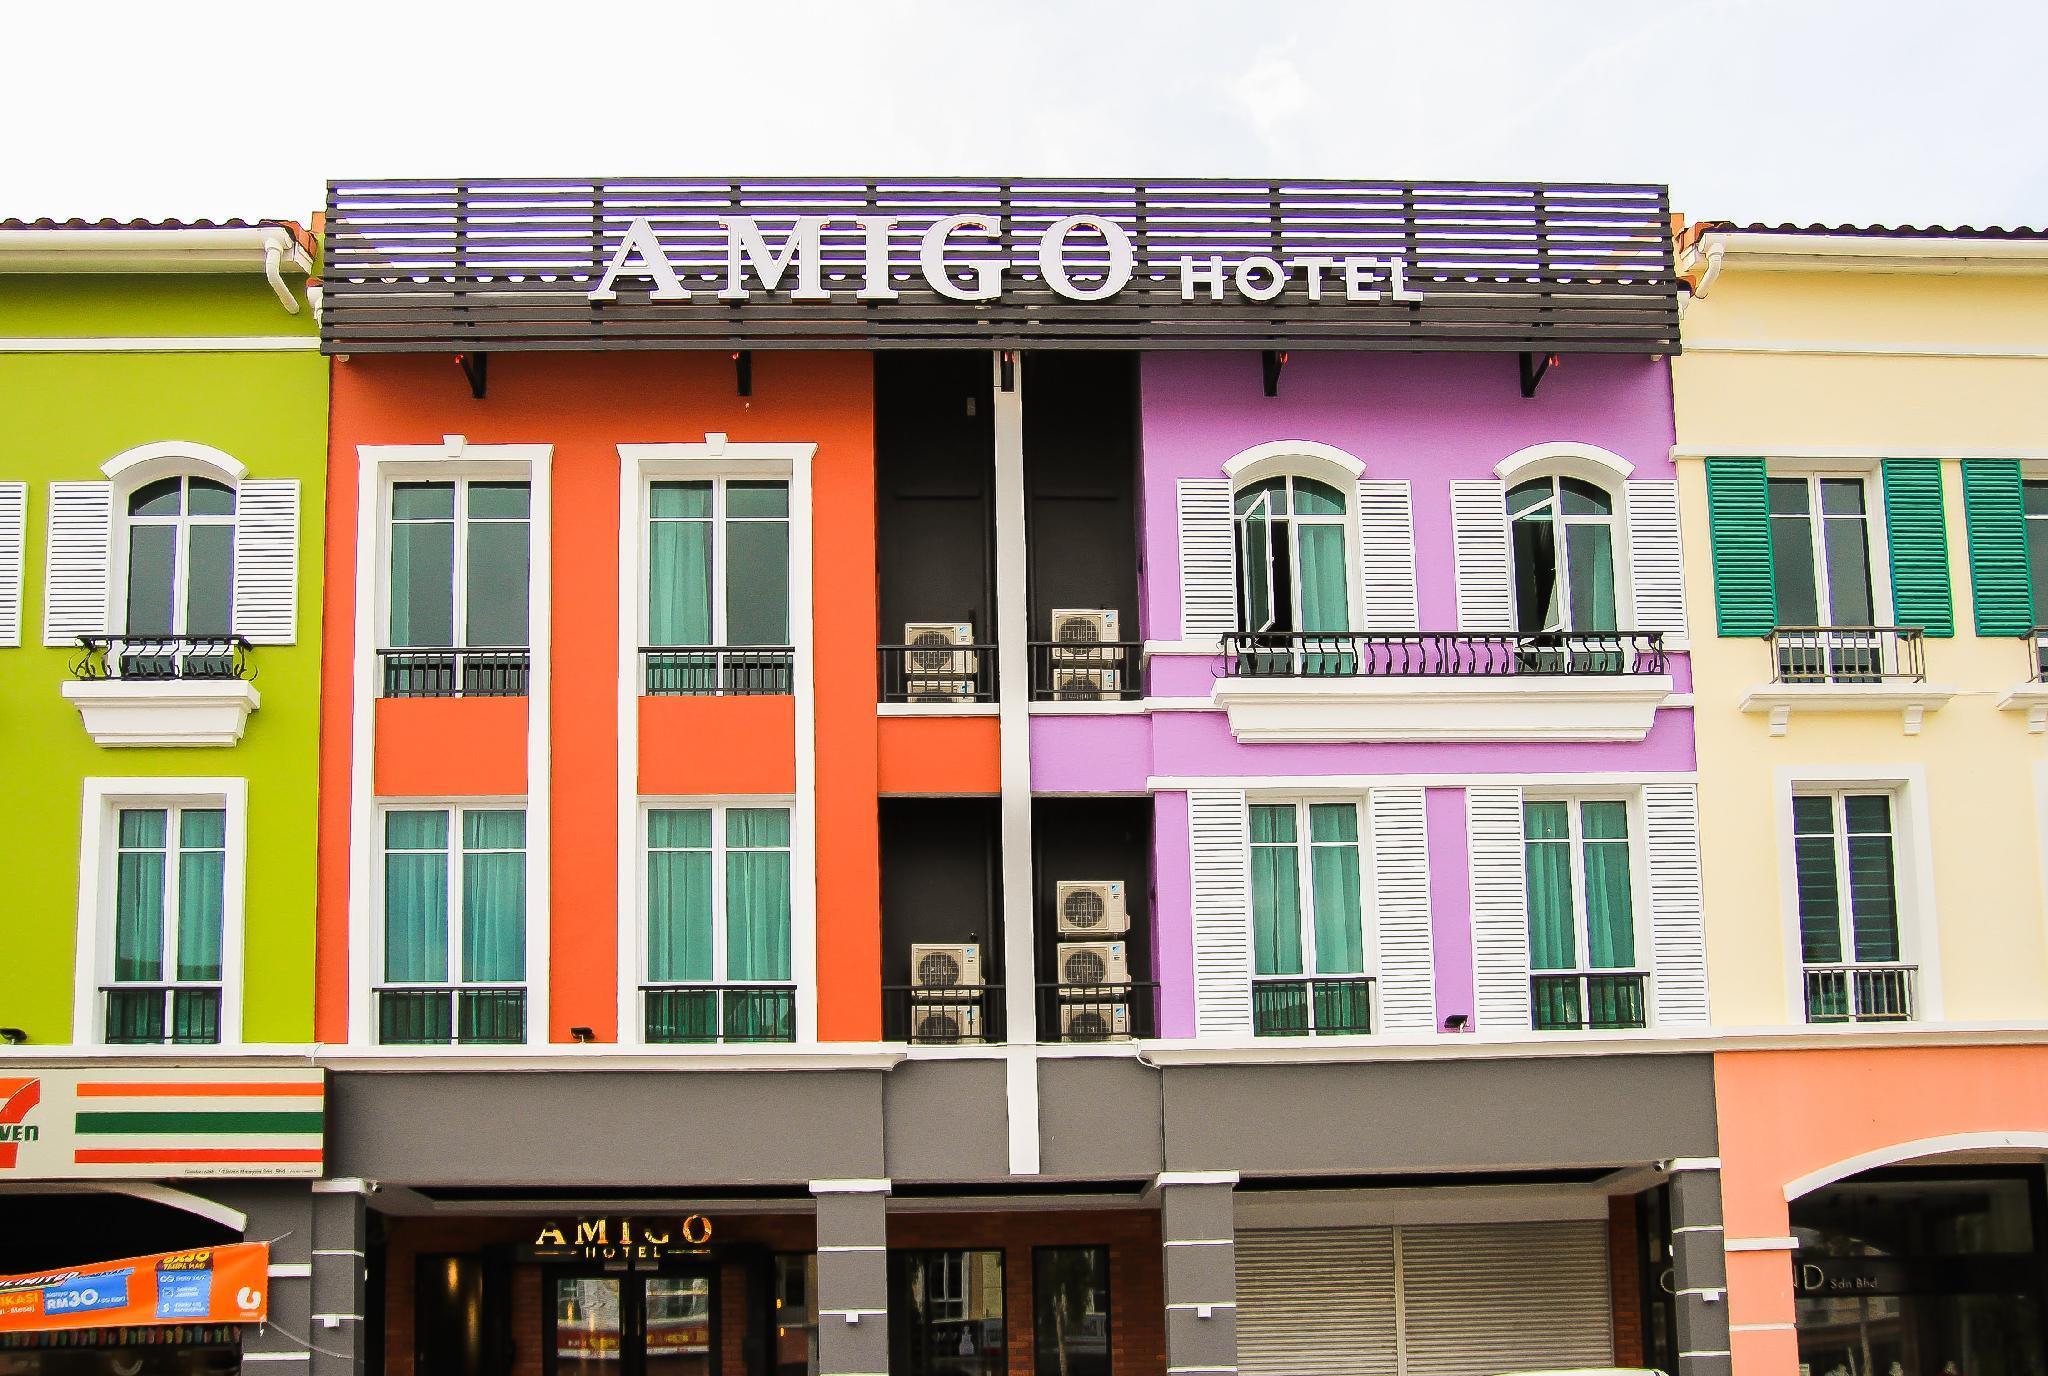 Amigo Hotel, Miri